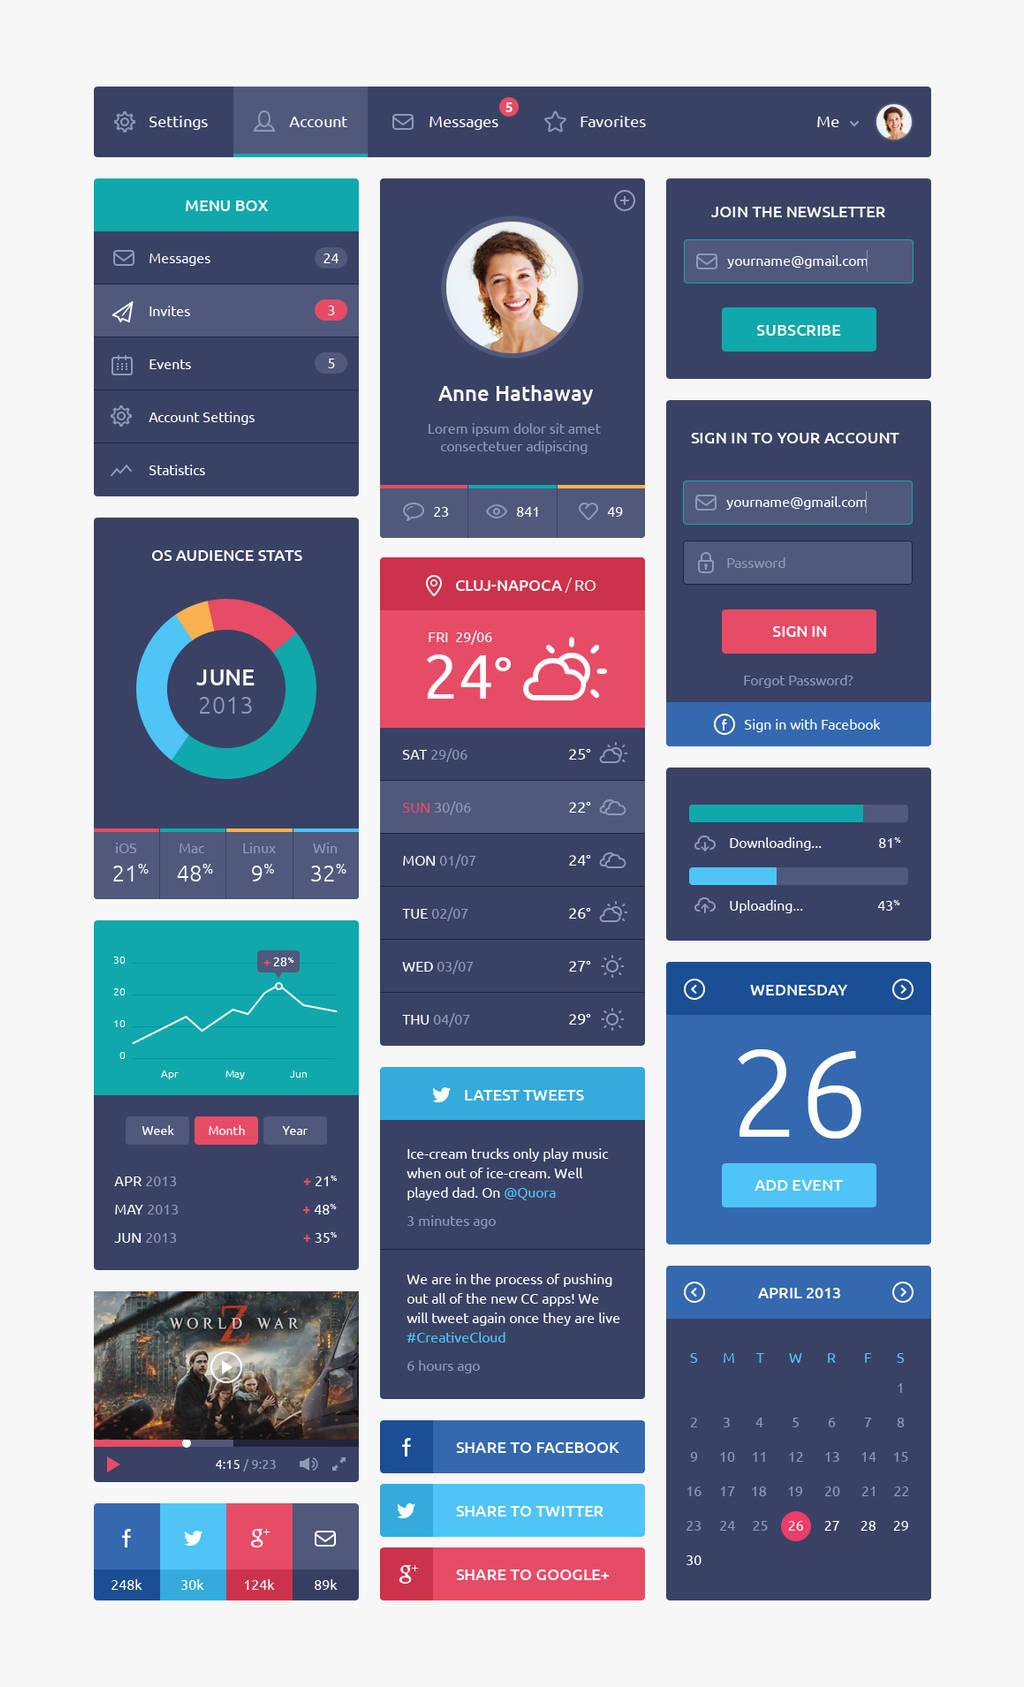 Flat Design UI by DarkStaLkeRR